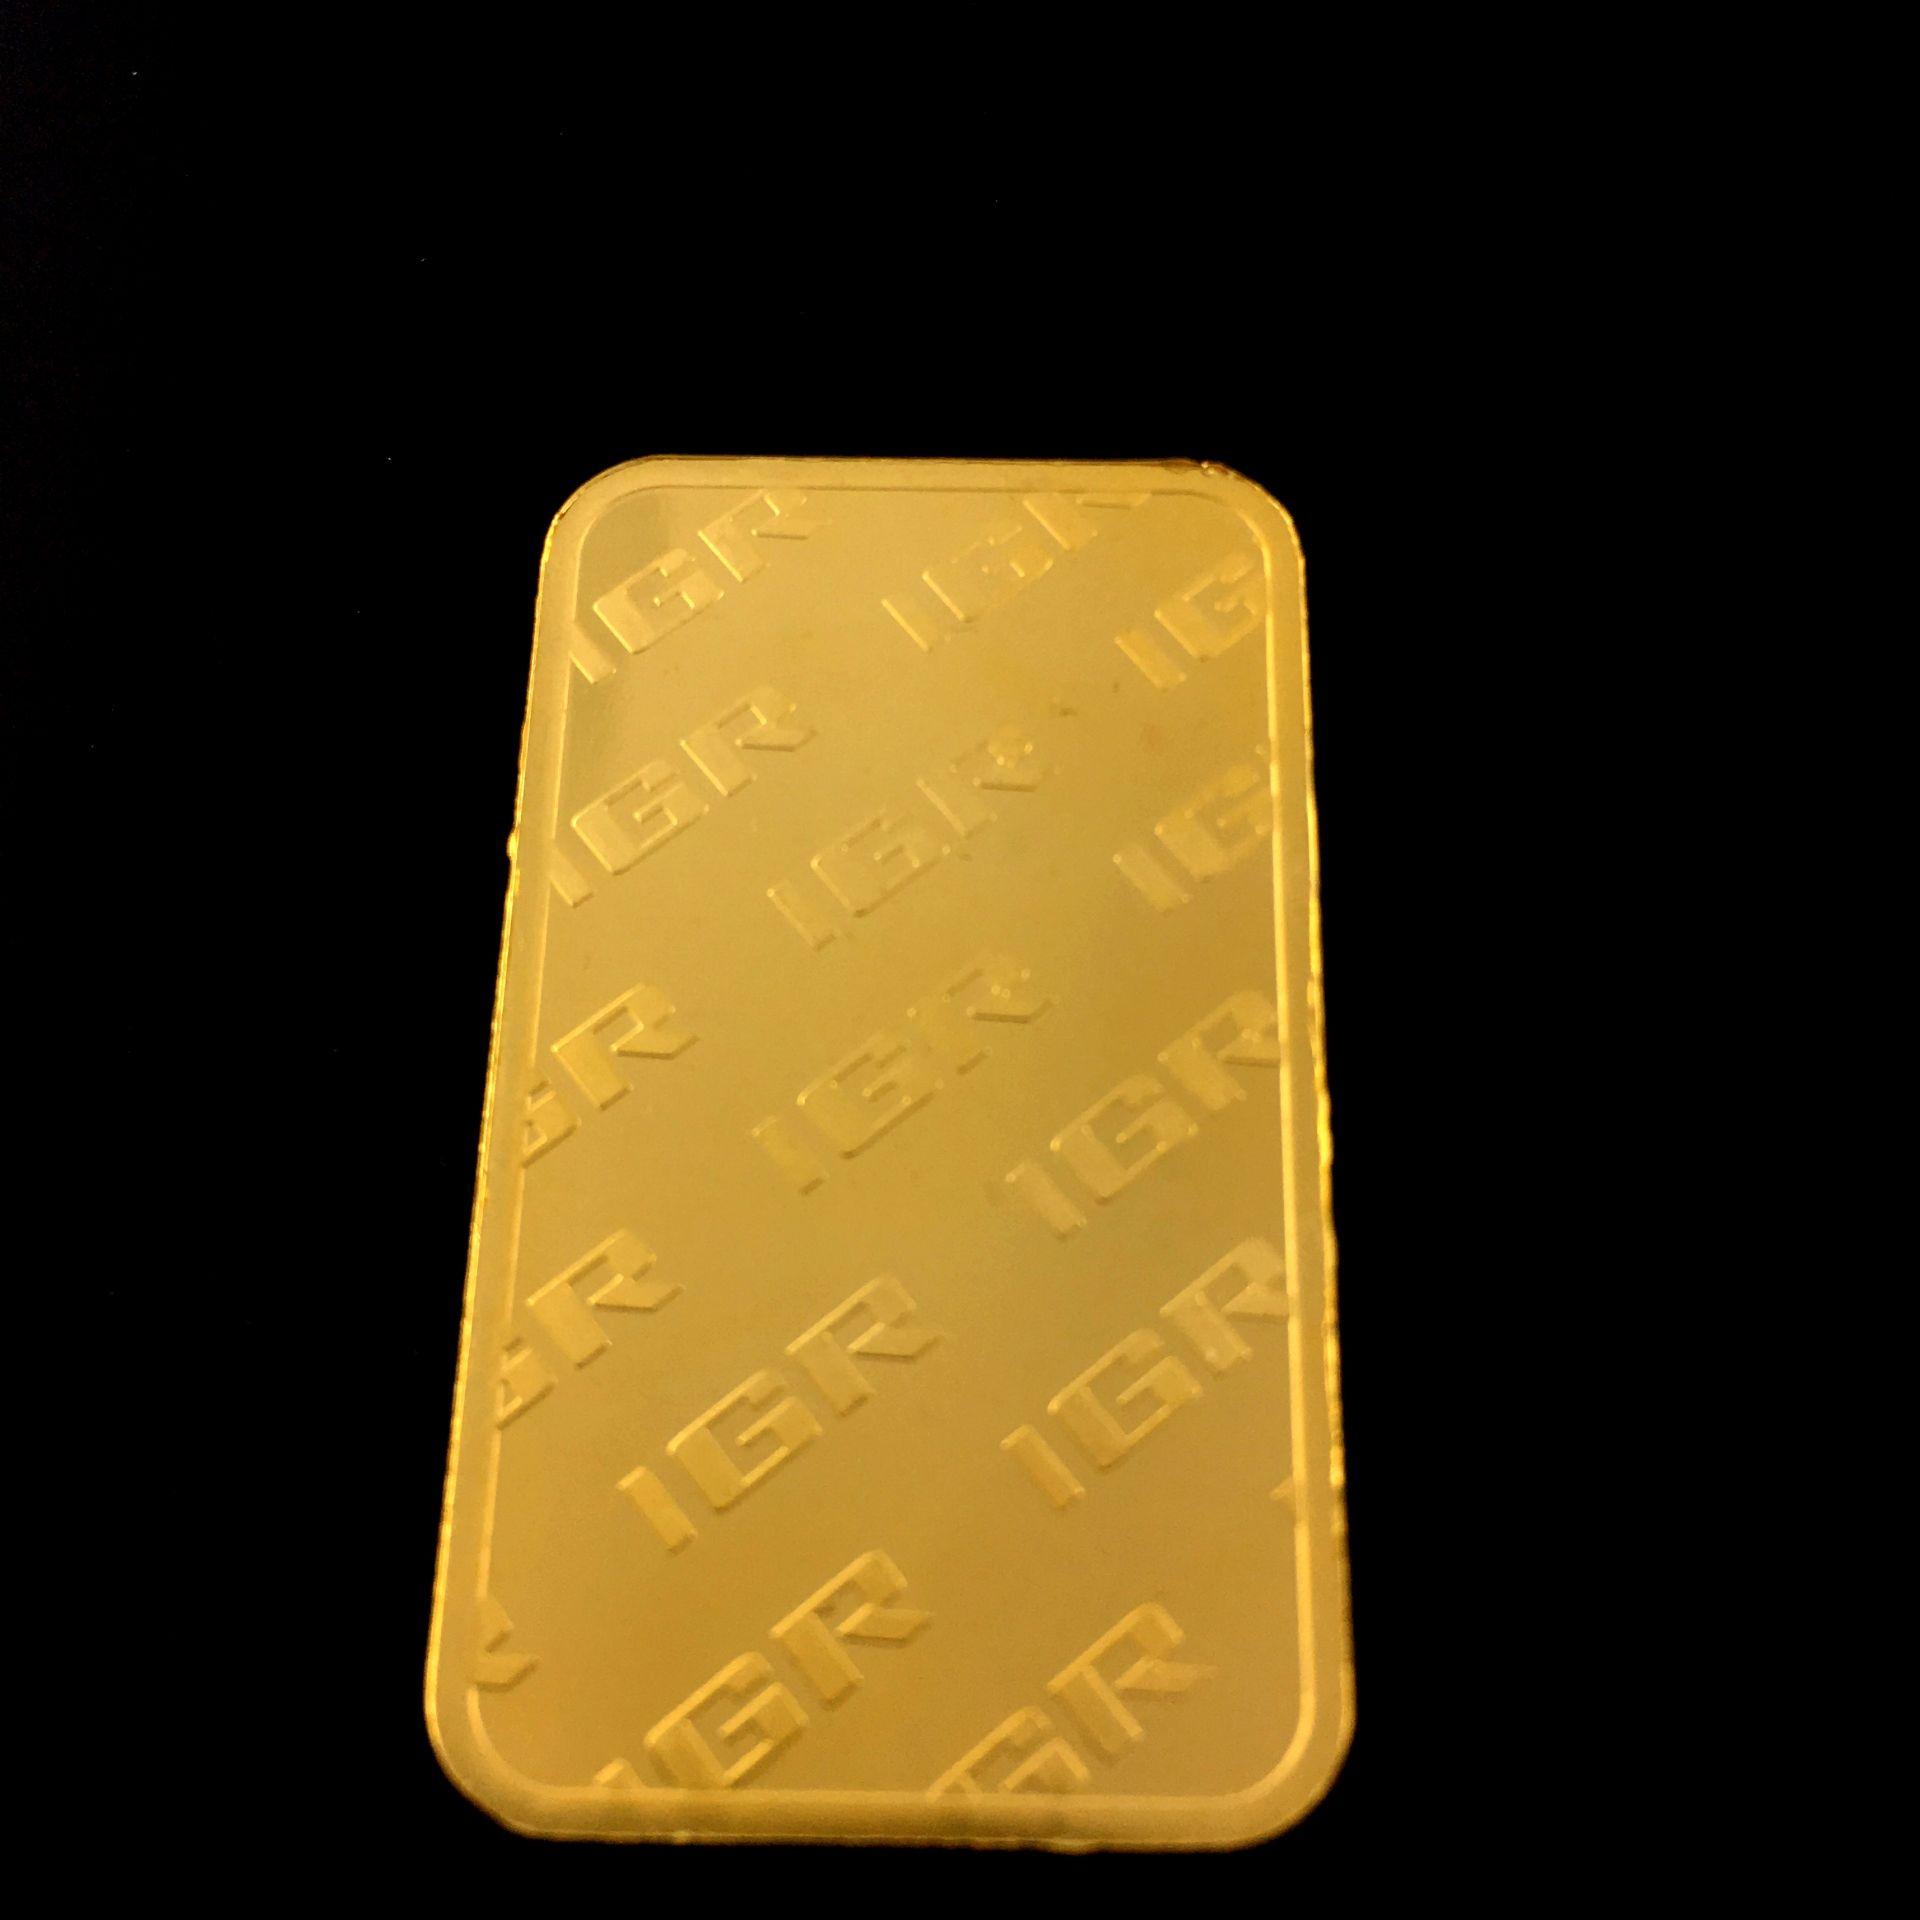 Lot 52 - 50 Gram 99.99% (24K) Gold Bullion